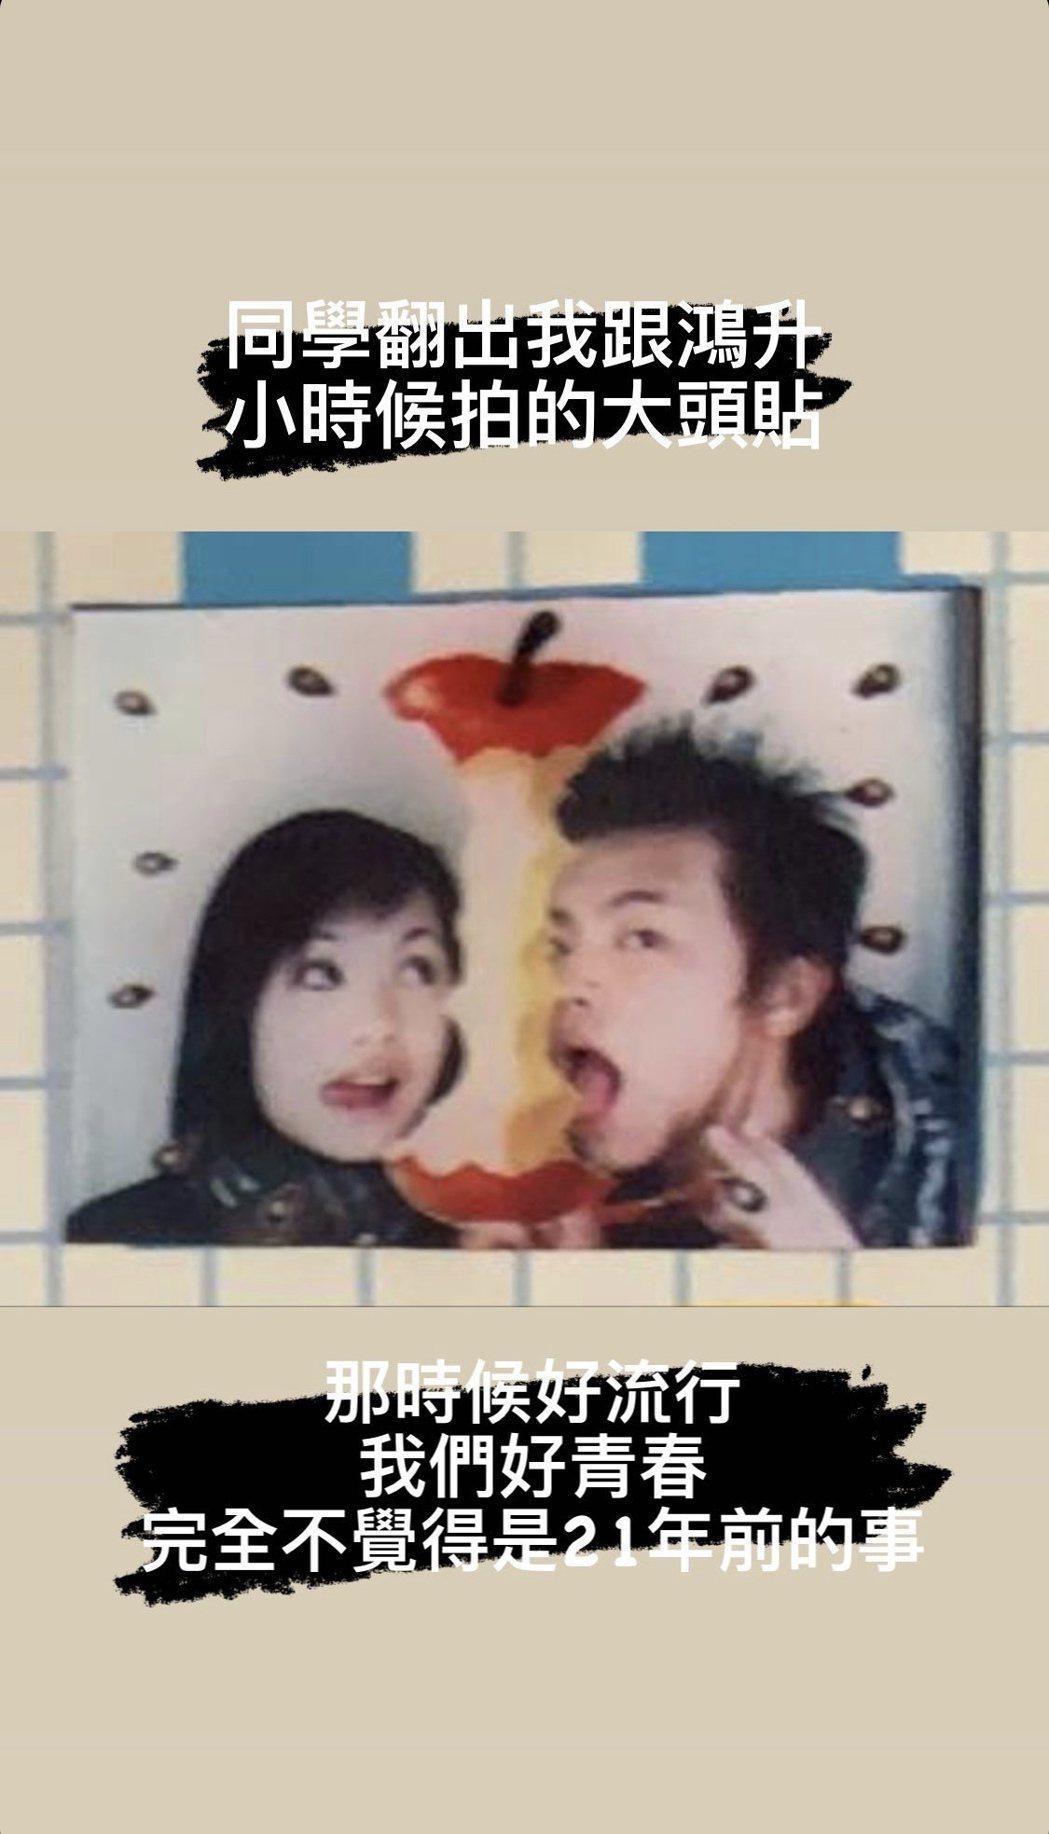 楊丞琳(左)在限動PO出與小鬼21年前的大頭貼。圖/摘自IG